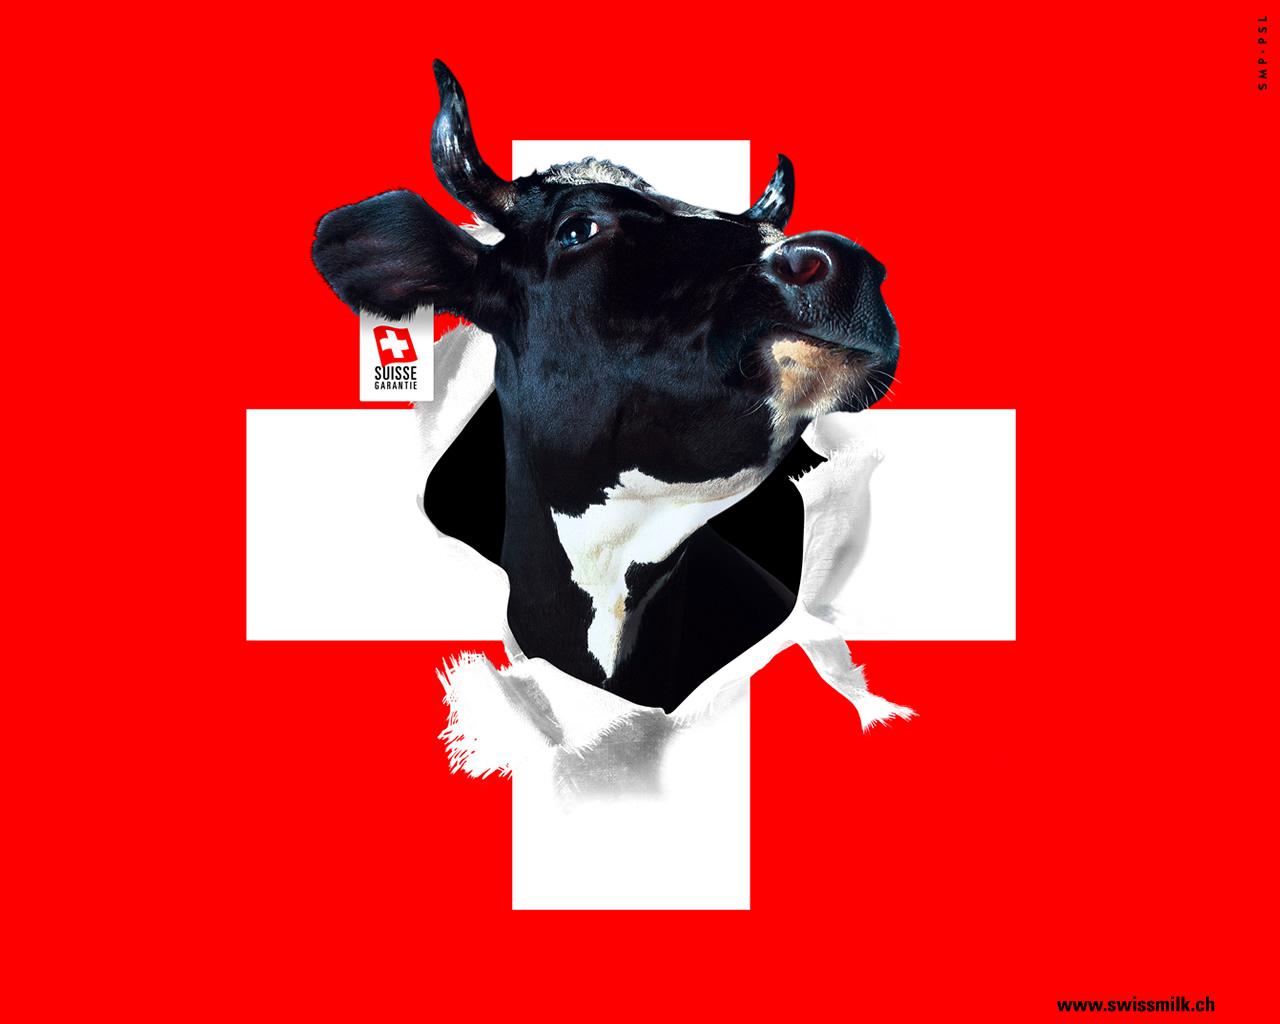 Emmental suisse 250g for Fond ecran foot